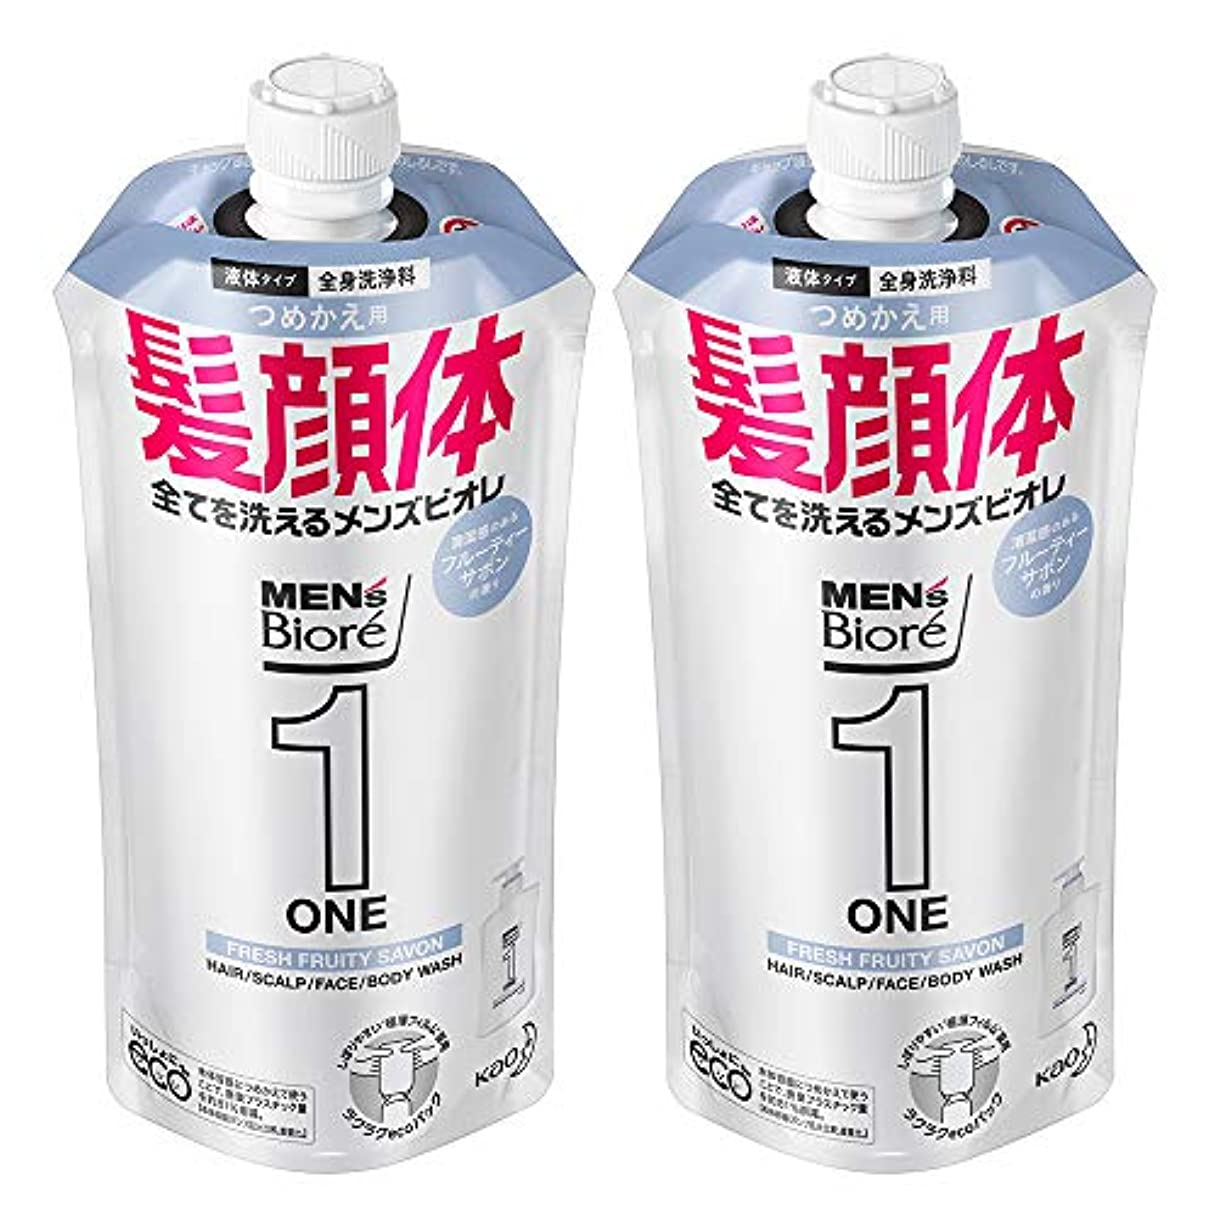 ズーム傾向があります先例【まとめ買い】メンズビオレ ONE オールインワン全身洗浄料 フルーティーサボンの香り つめかえ用 340ml×2個